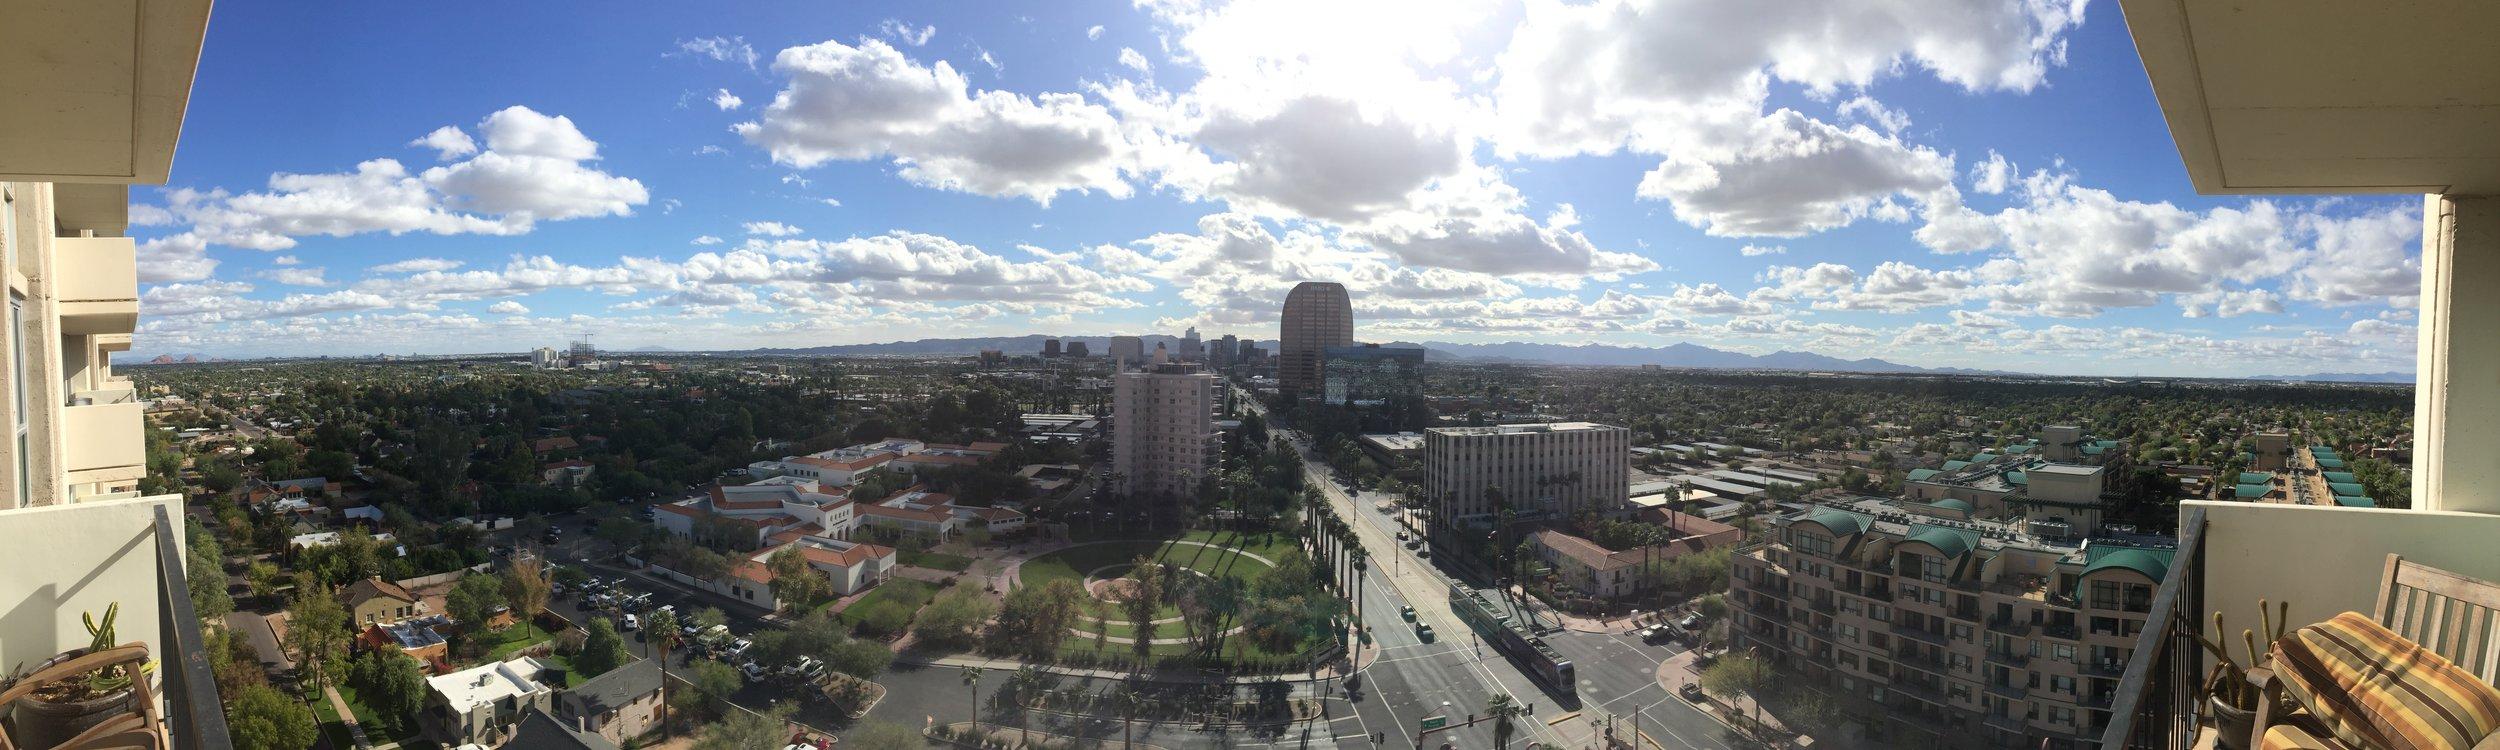 Phoenix View Pano.jpg